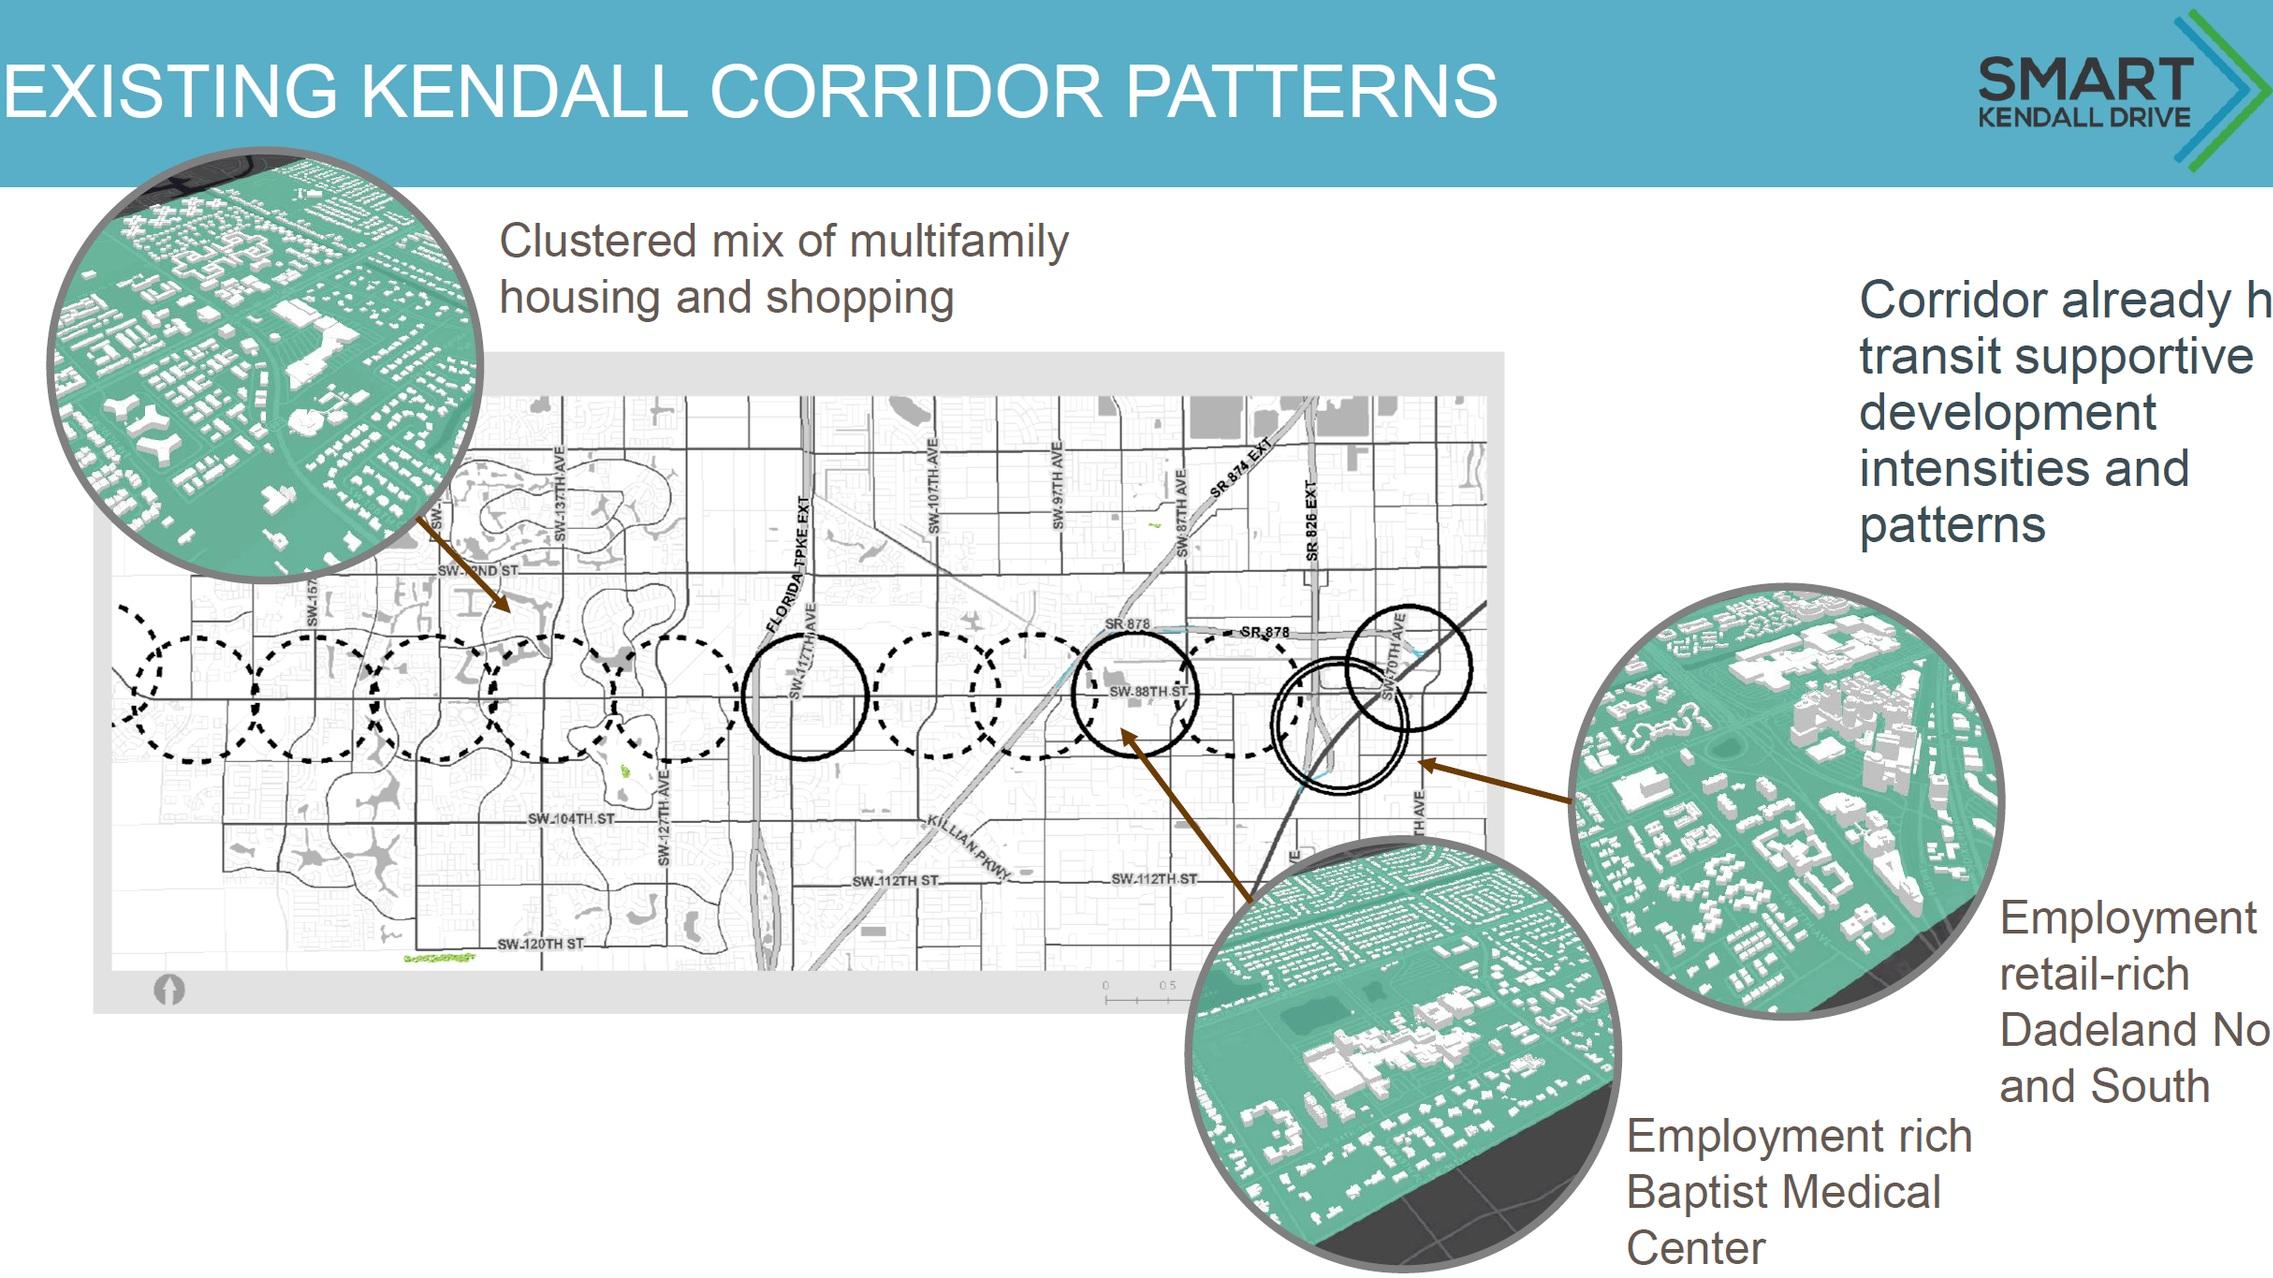 Kendall_CorridorPatterns.jpg